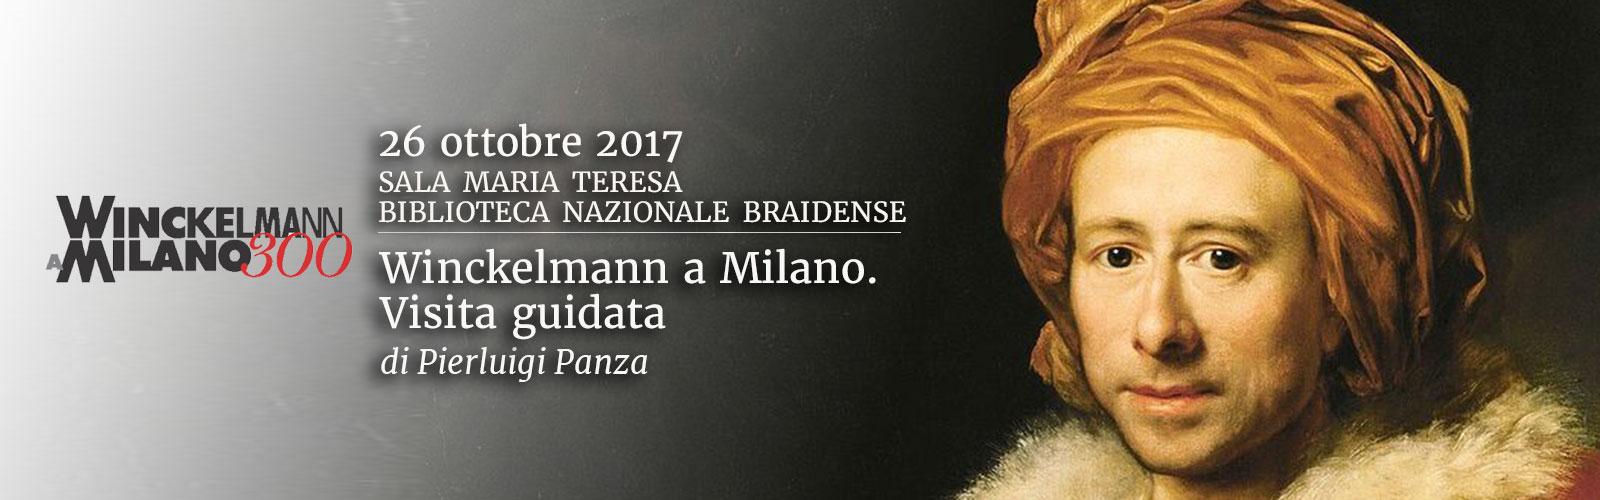 Winckelmann a Milano. Visita guidata